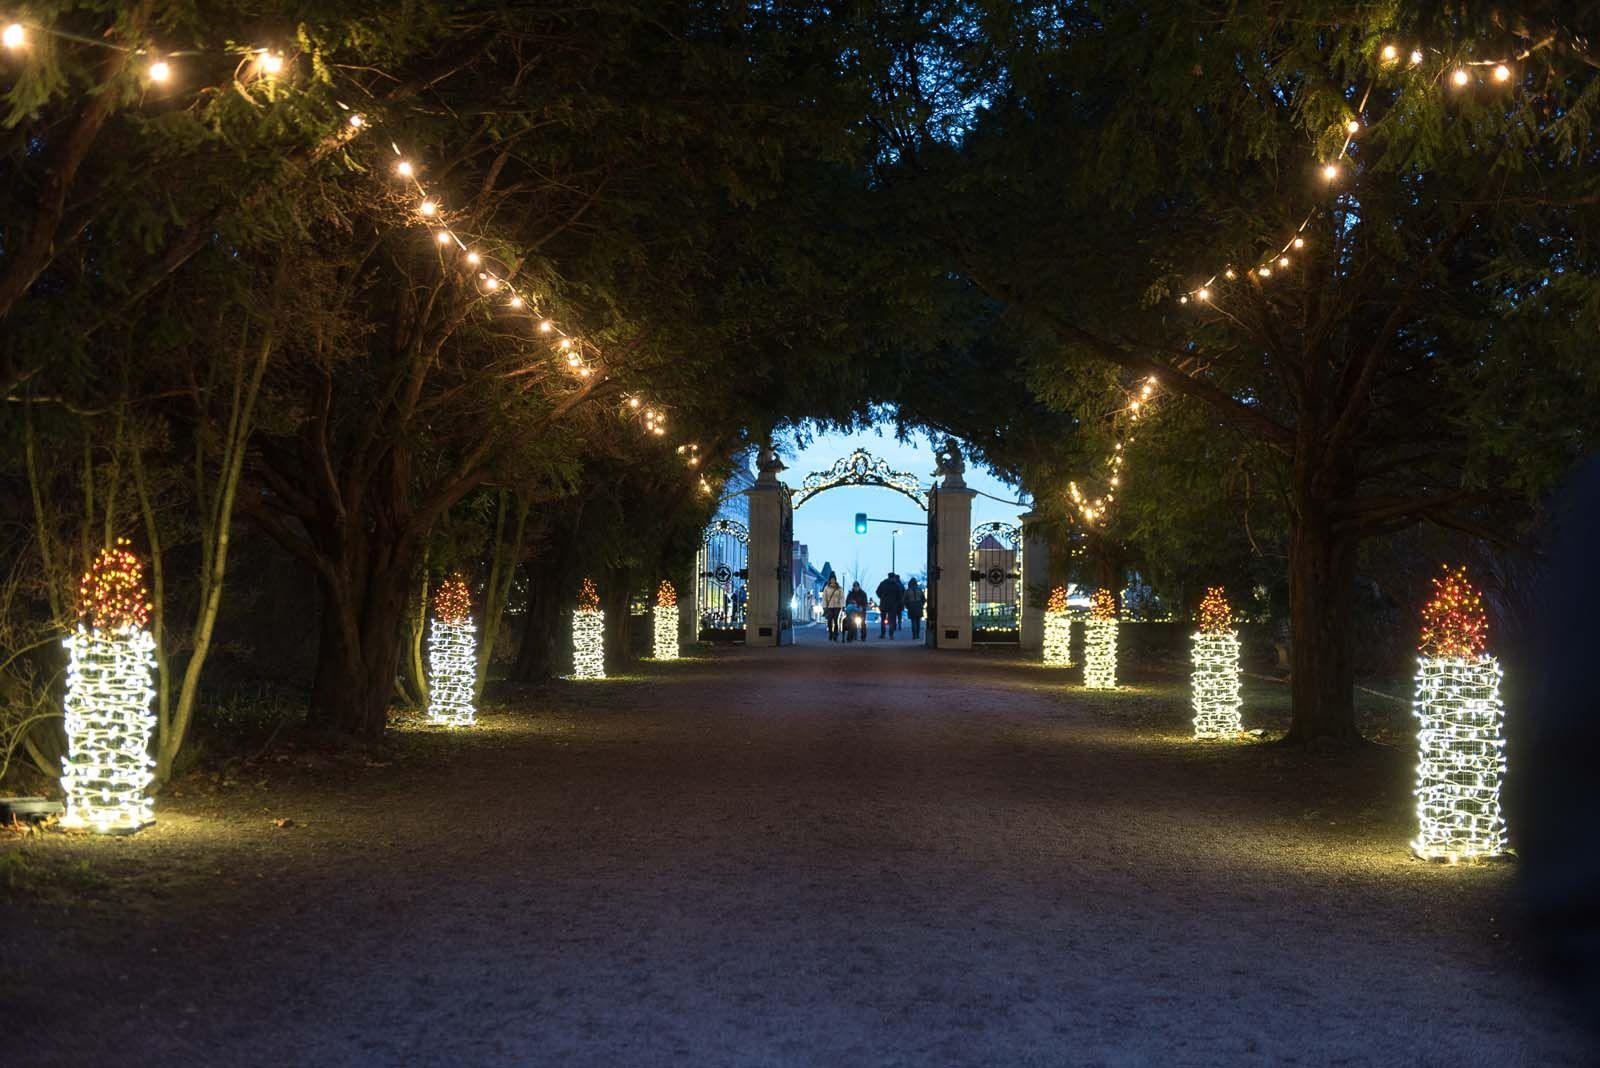 Hochwertige Weihnachtsbeleuchtung.Weihnachtsbeleuchtung Weihnachtsmarkt Lichtideen